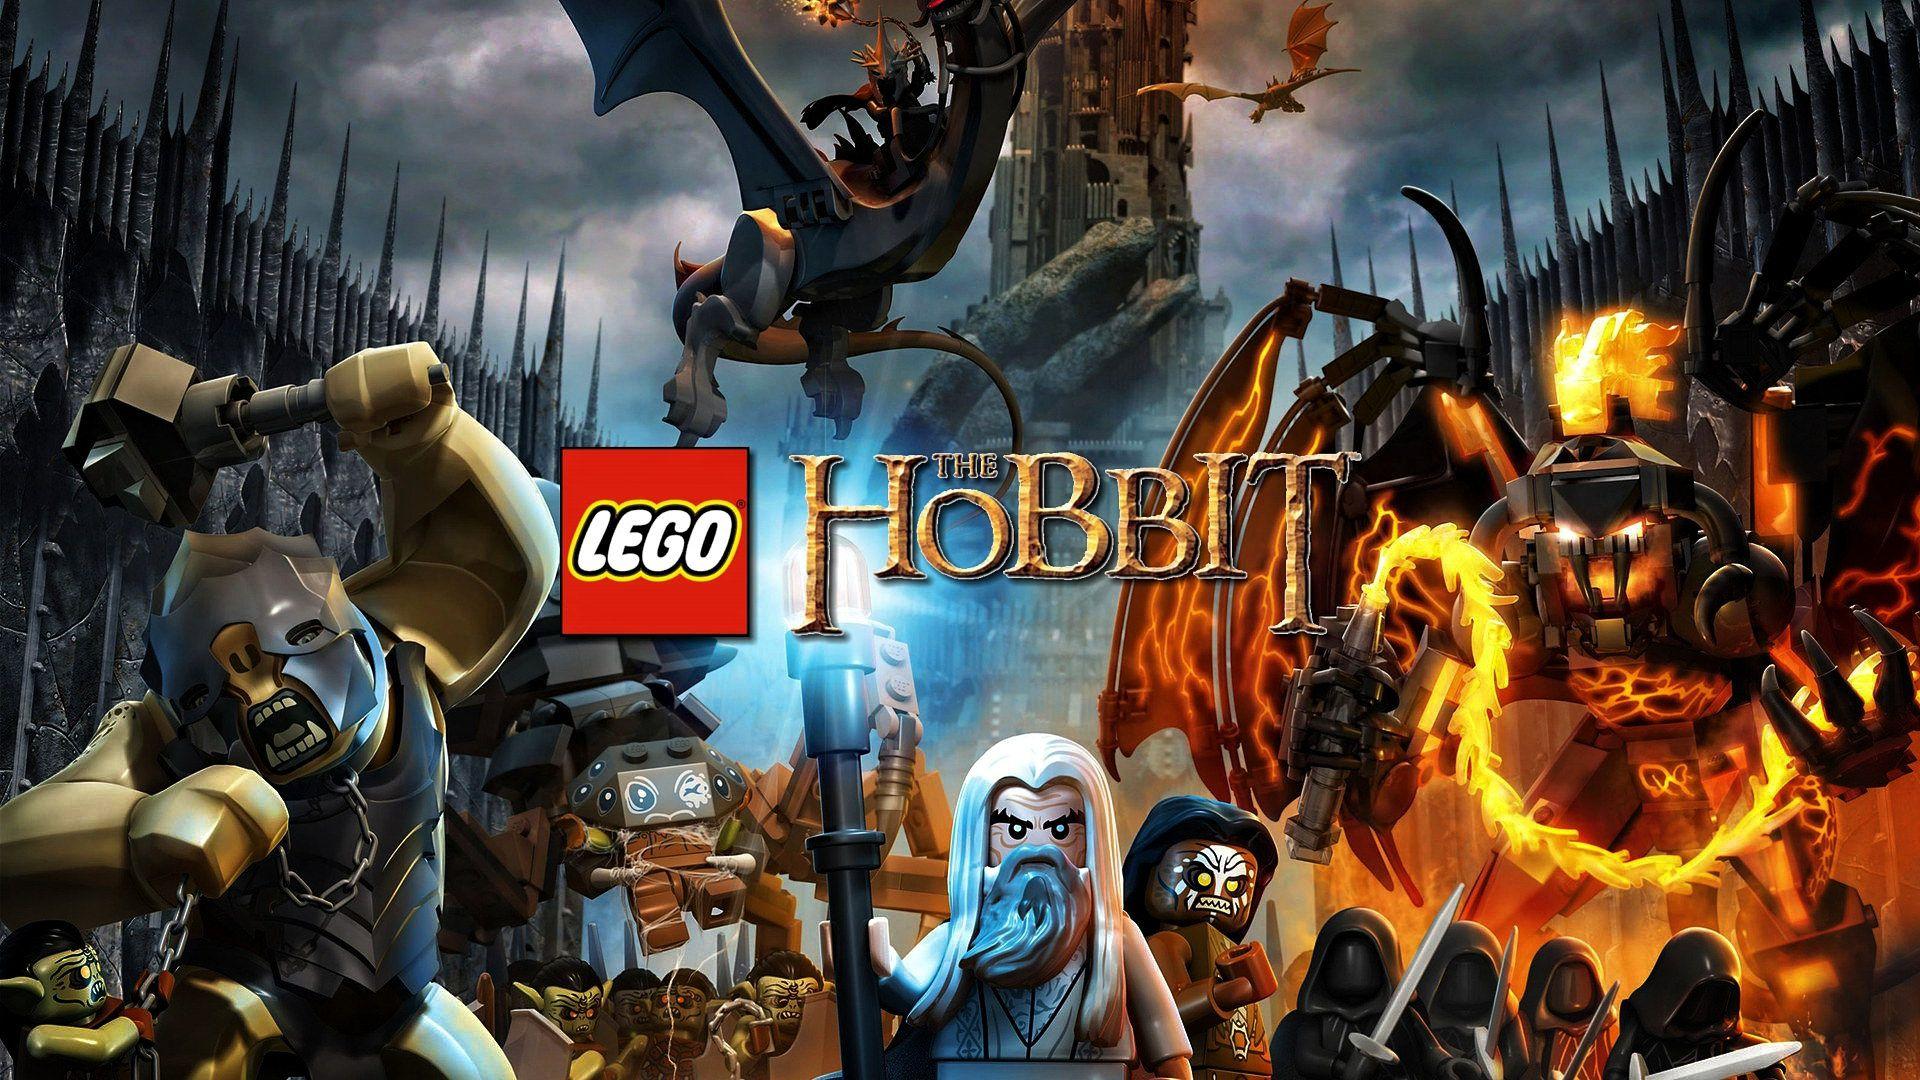 LEGO The Hobbit Sistem Gereksinimleri